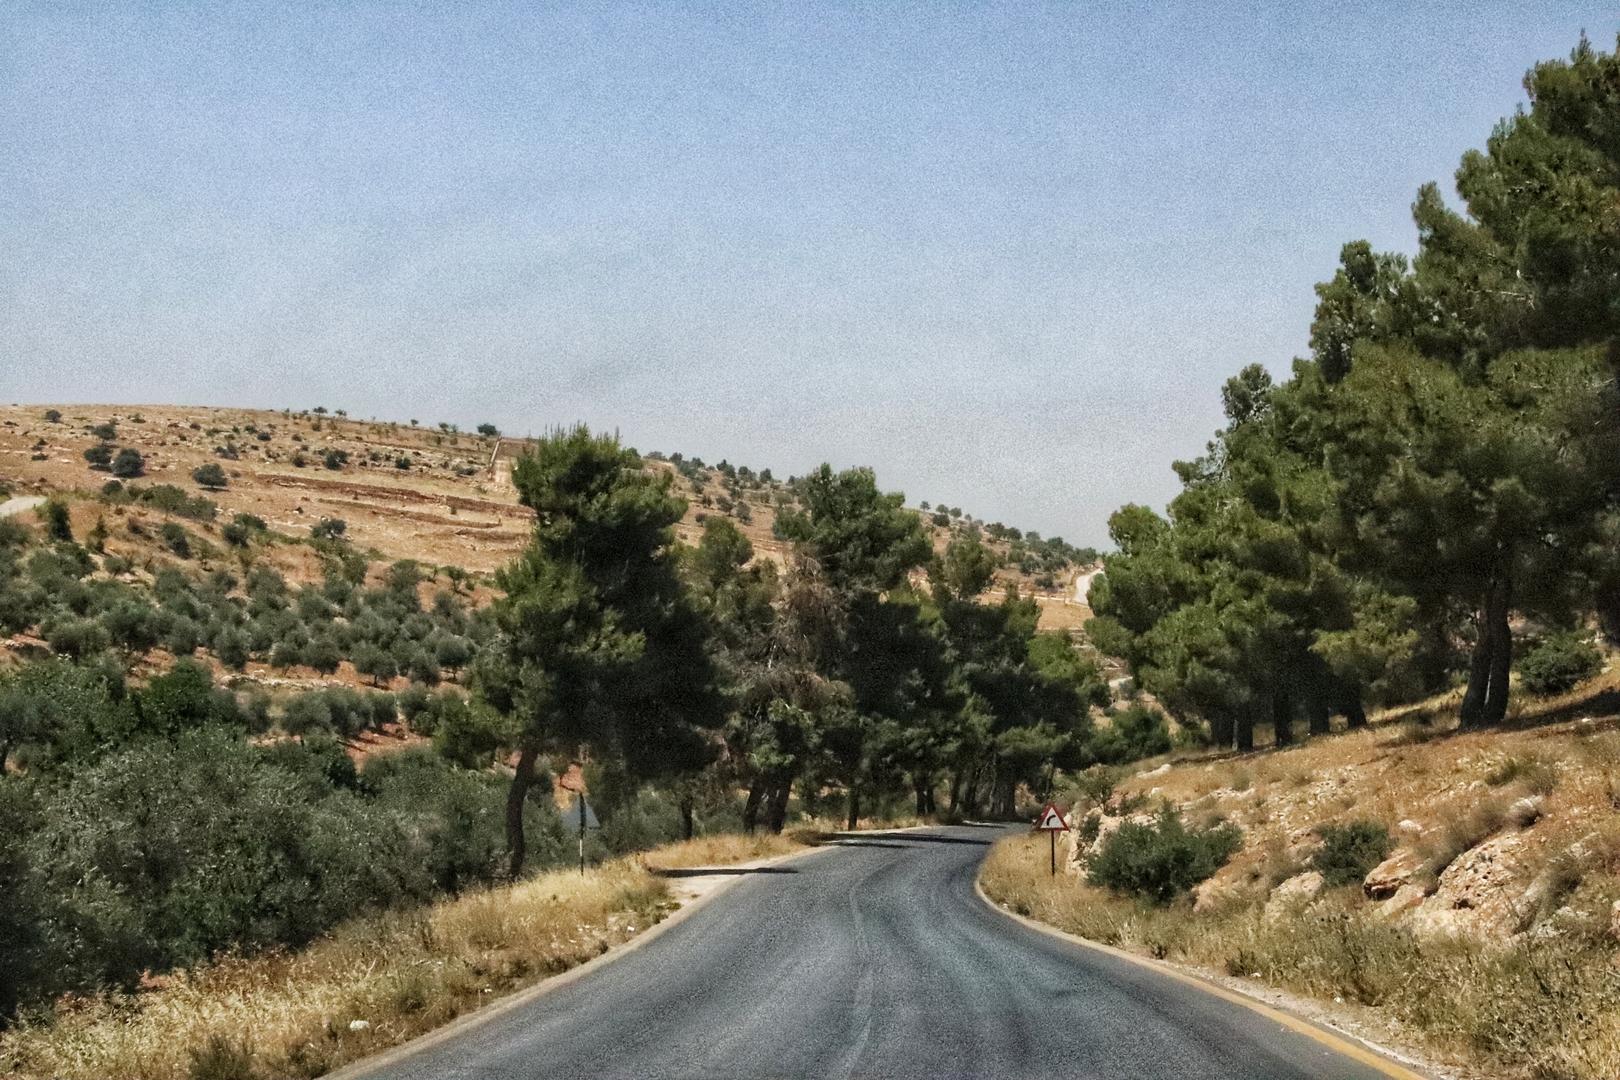 Jordanie - Route entre Jerash et Umm Qais